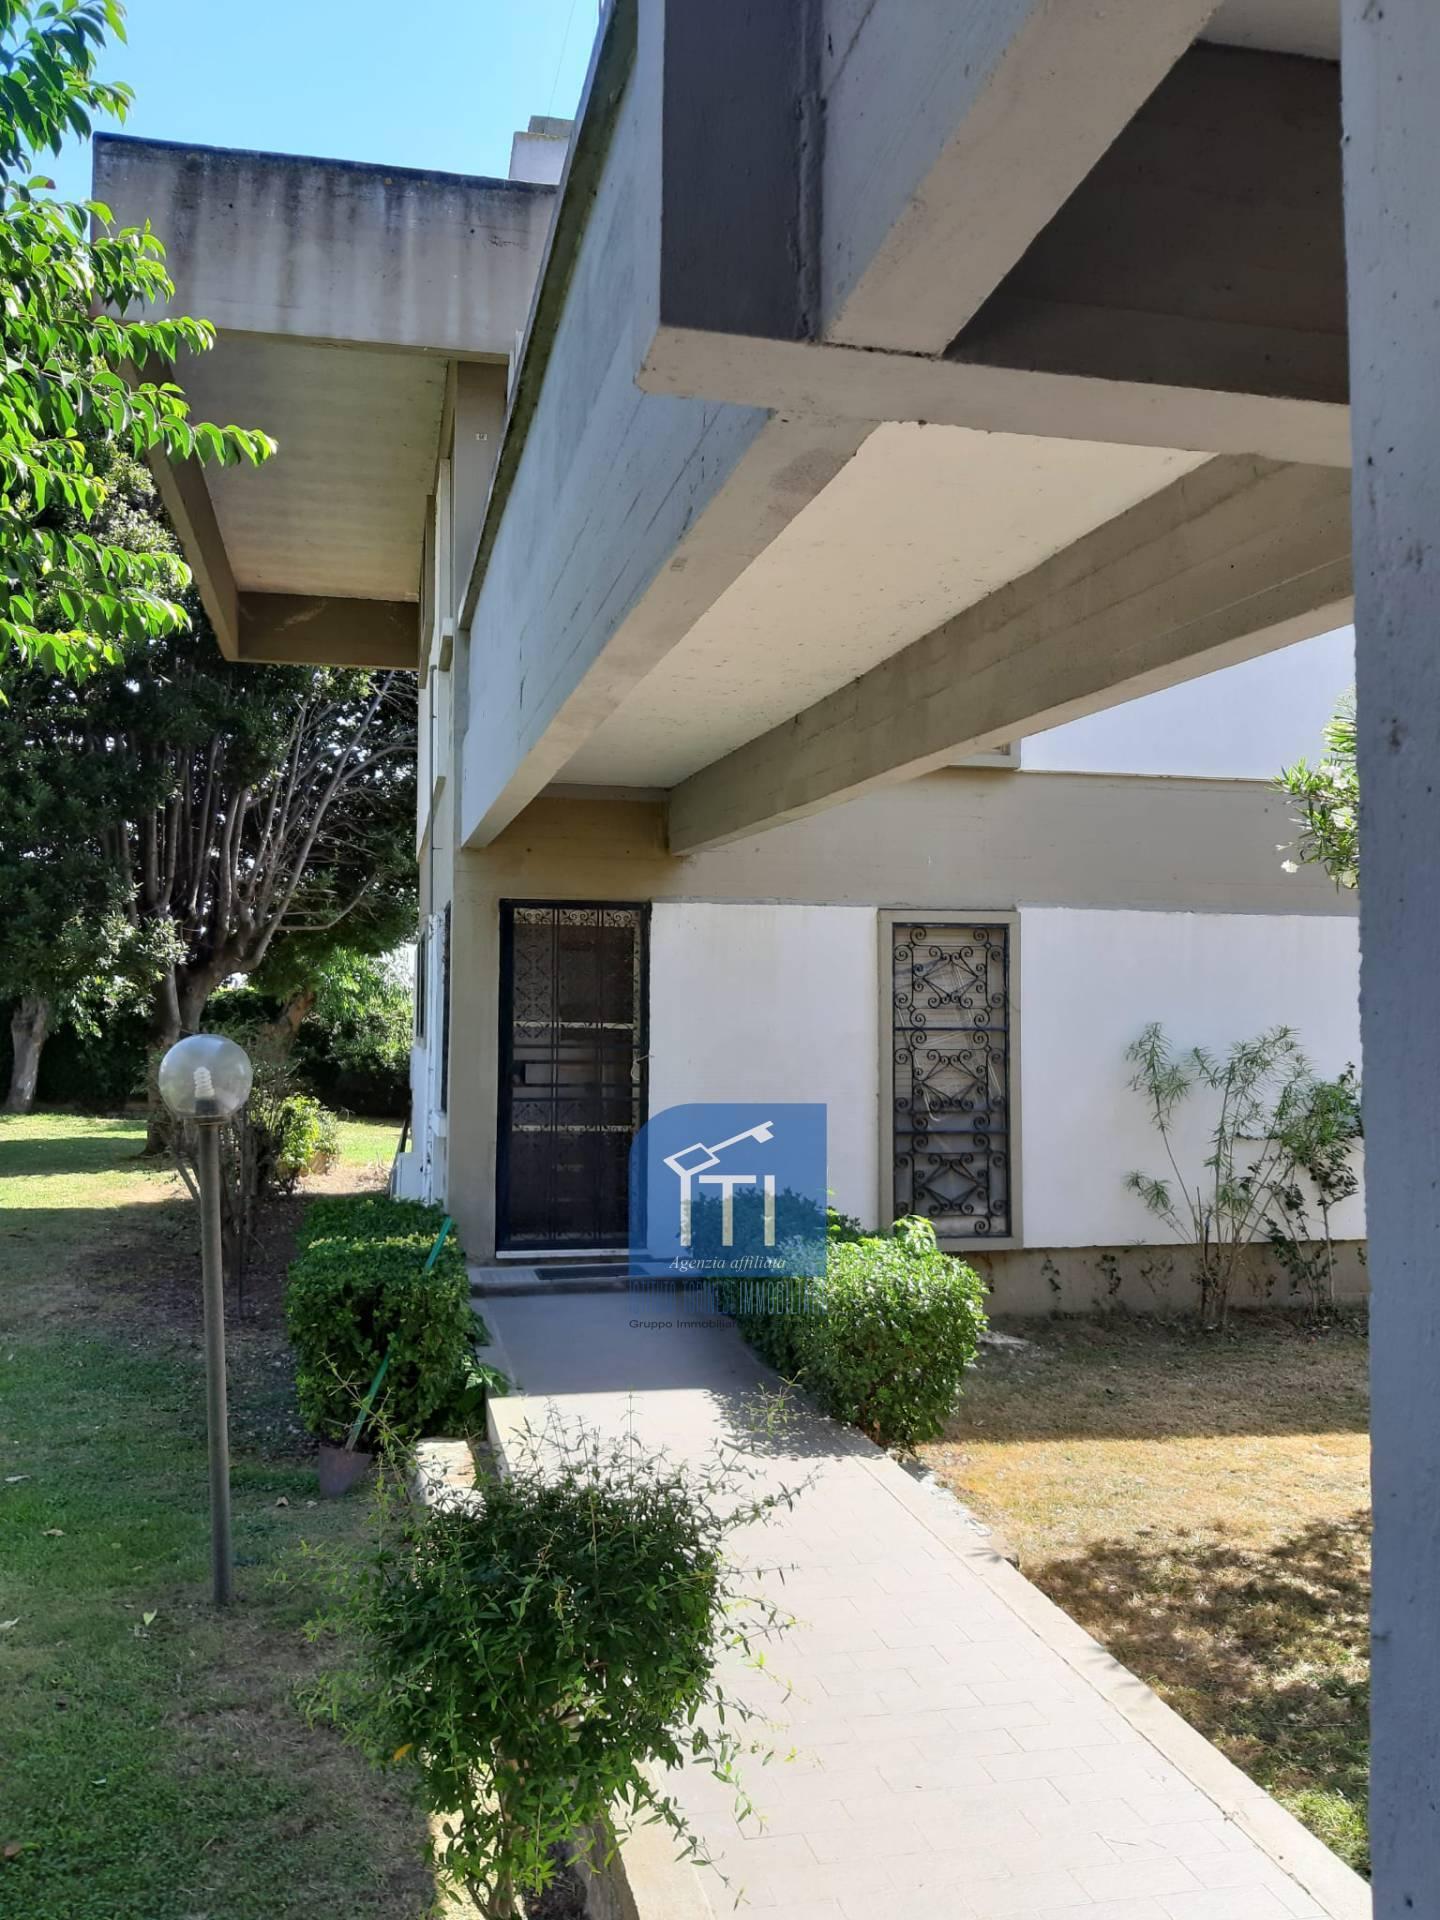 Appartamento in vendita a Ardea, 3 locali, zona Località: NUOVACALIFORNIA, prezzo € 55.000   PortaleAgenzieImmobiliari.it